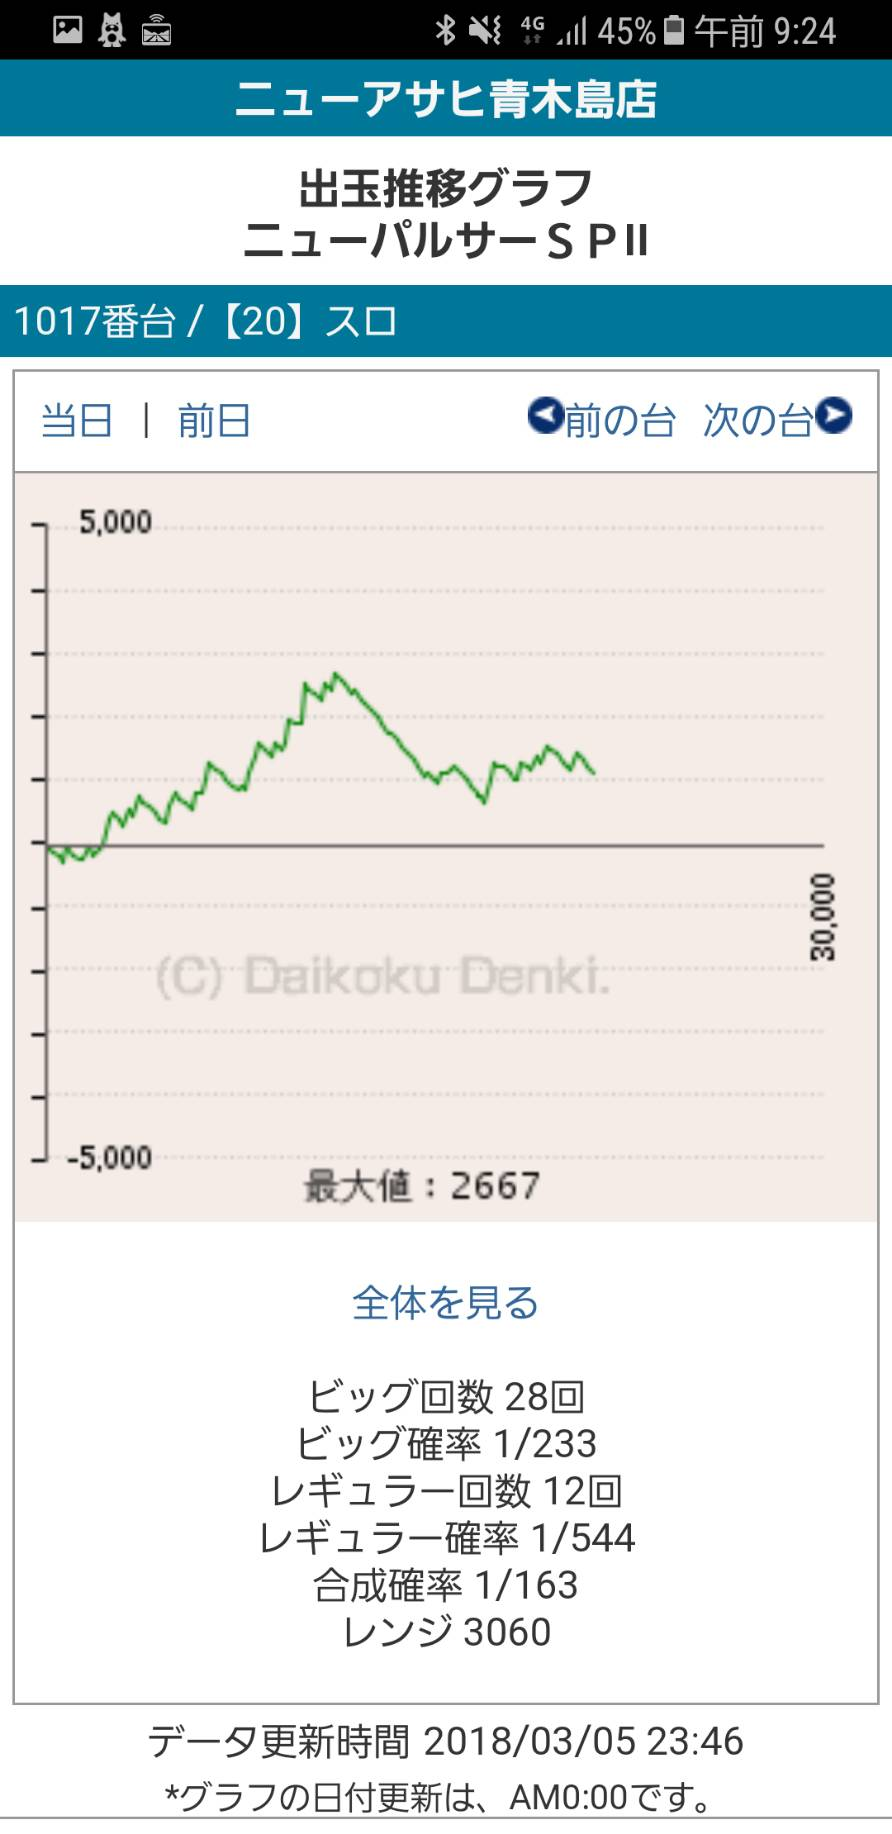 第215回ハズセレ(ニューアサヒ長野青木島店)最終報告